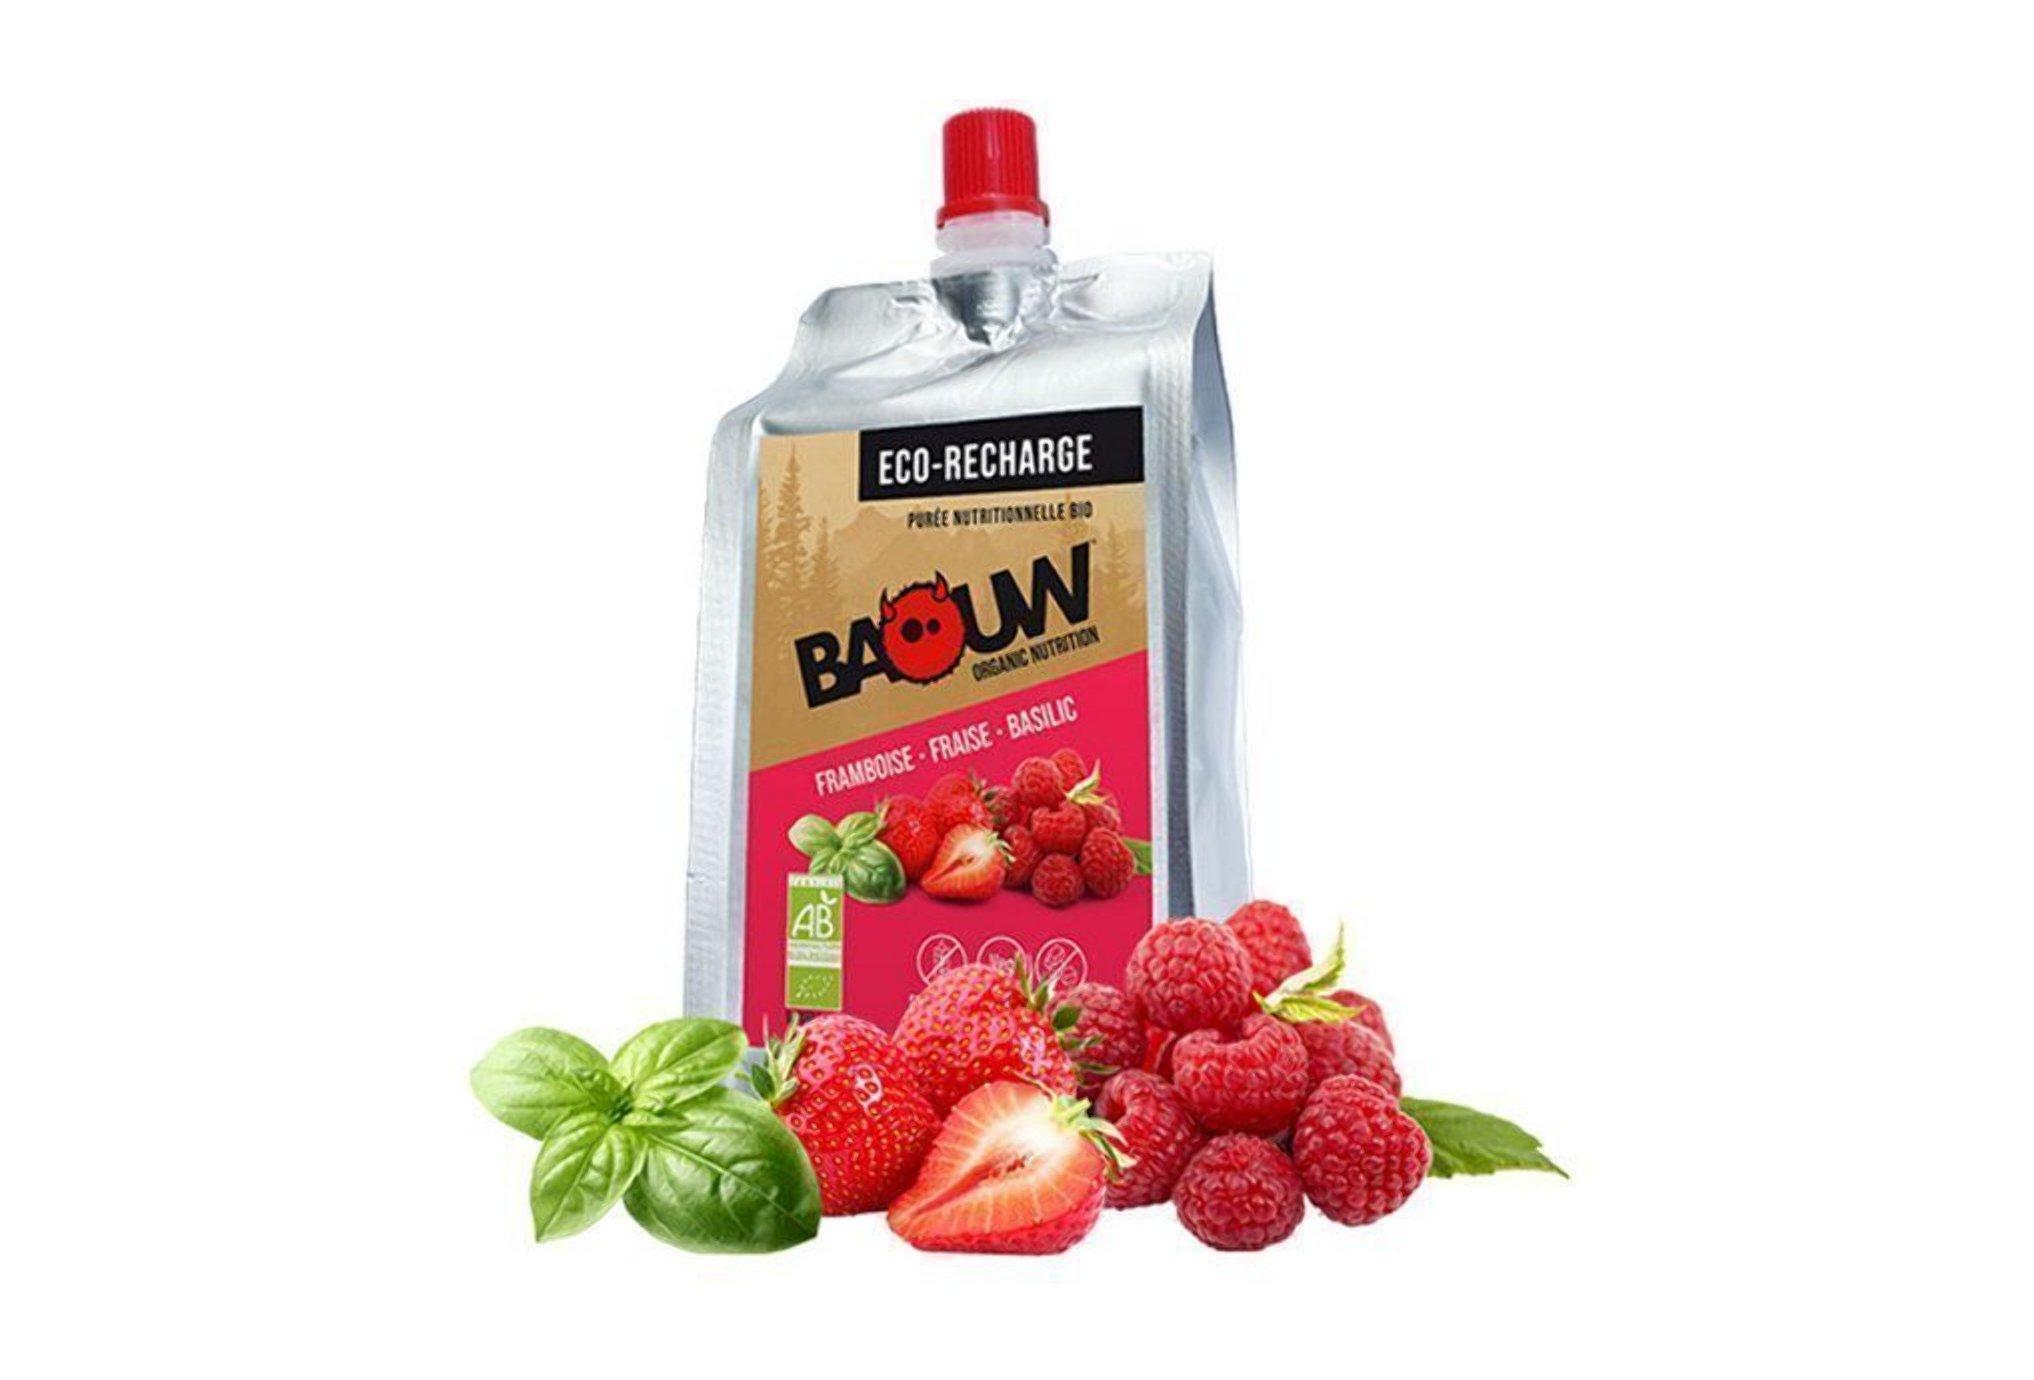 Baouw Eco recharge XXL purée nutritionnelle bio - Framboise - Fraise - Basilic Diététique Gels